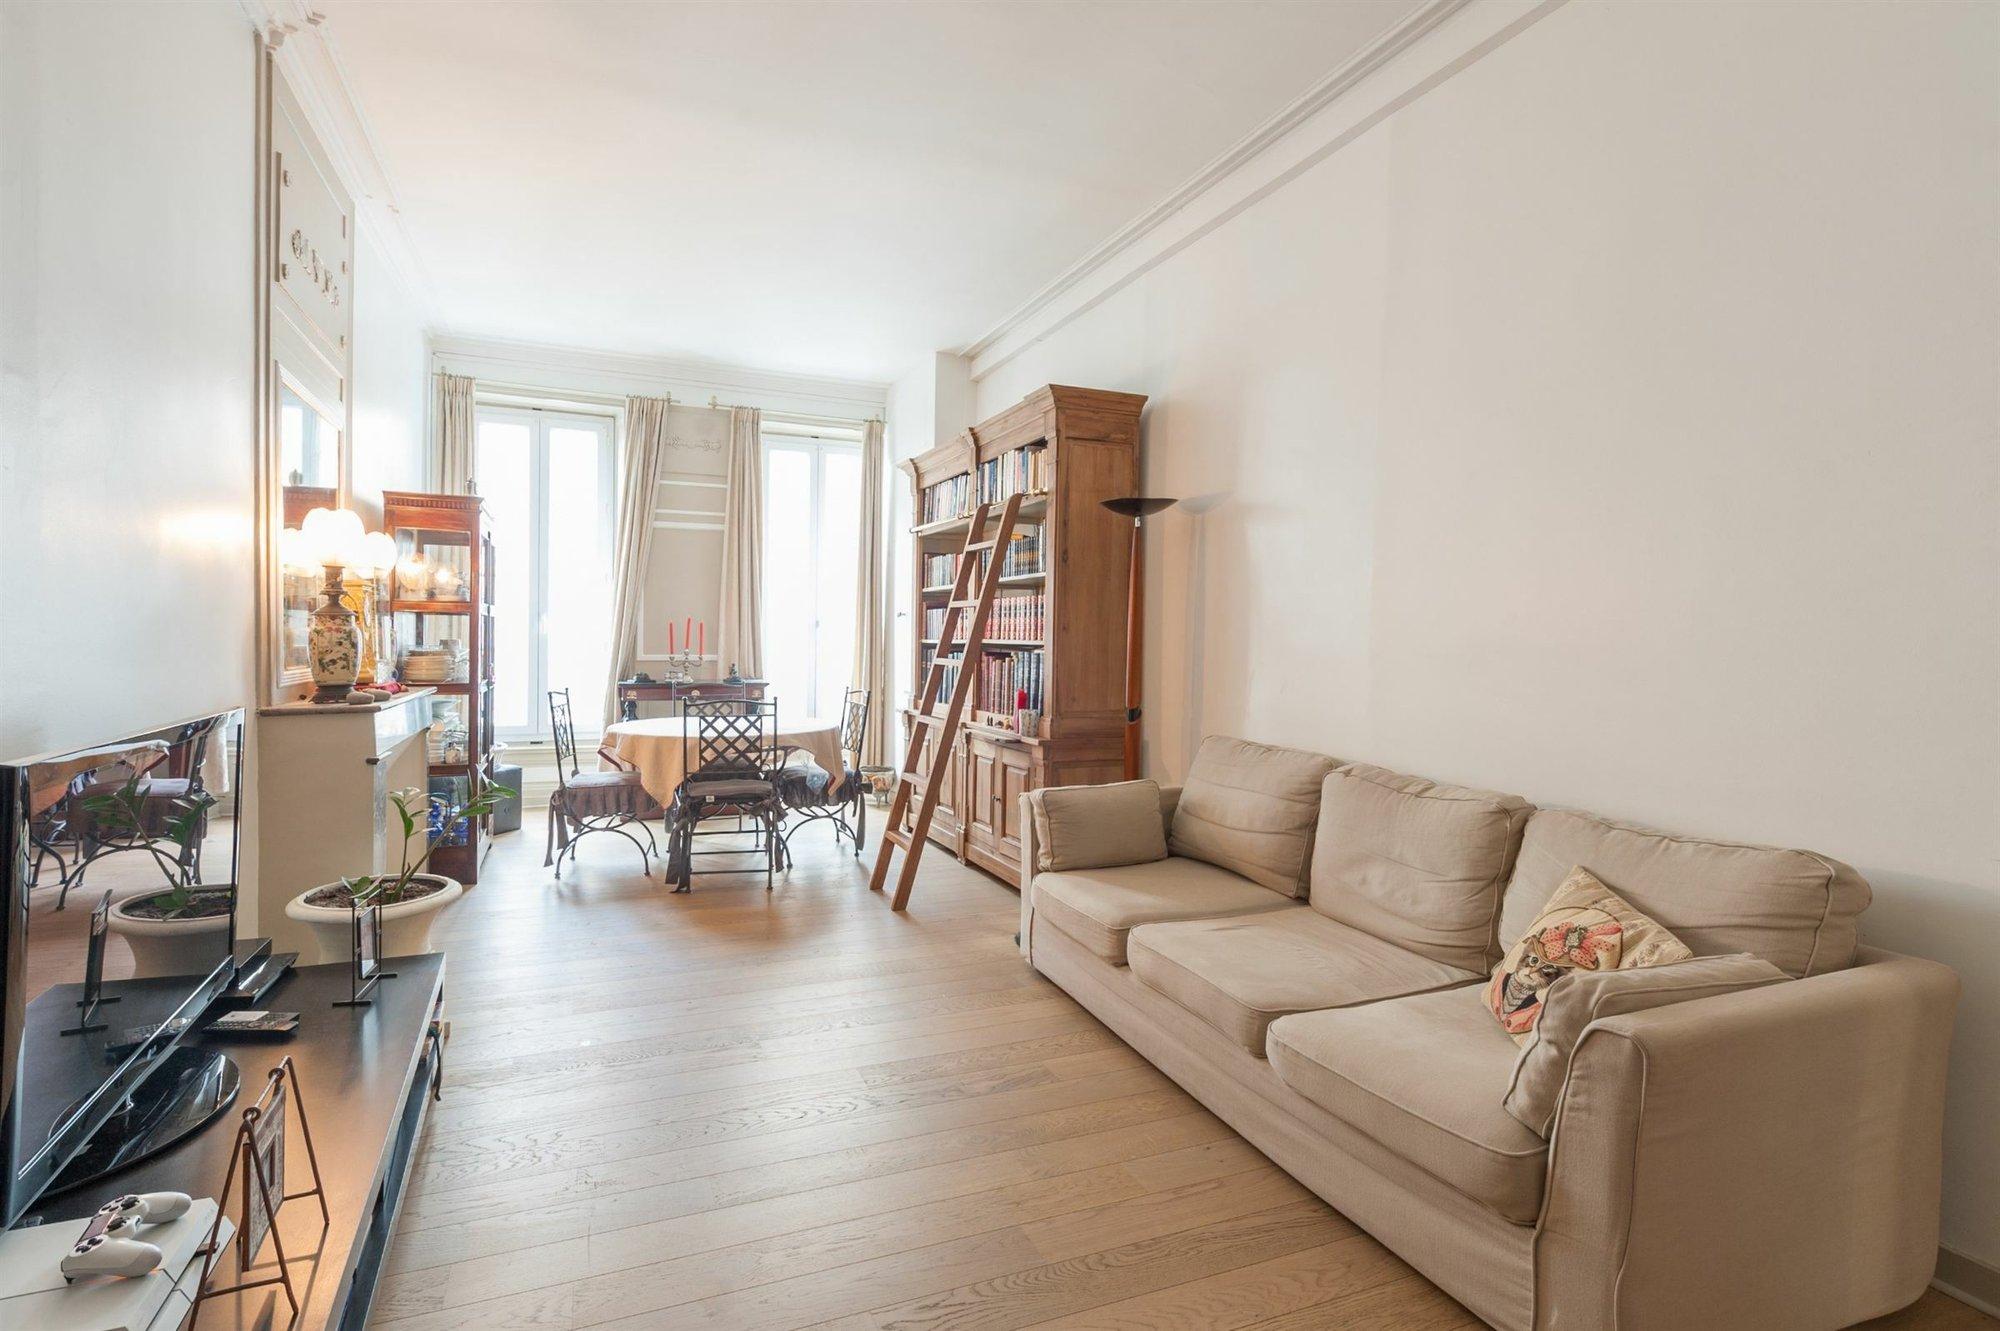 Apartment in La Rochelle, Nouvelle-Aquitaine, France 1 - 11534613